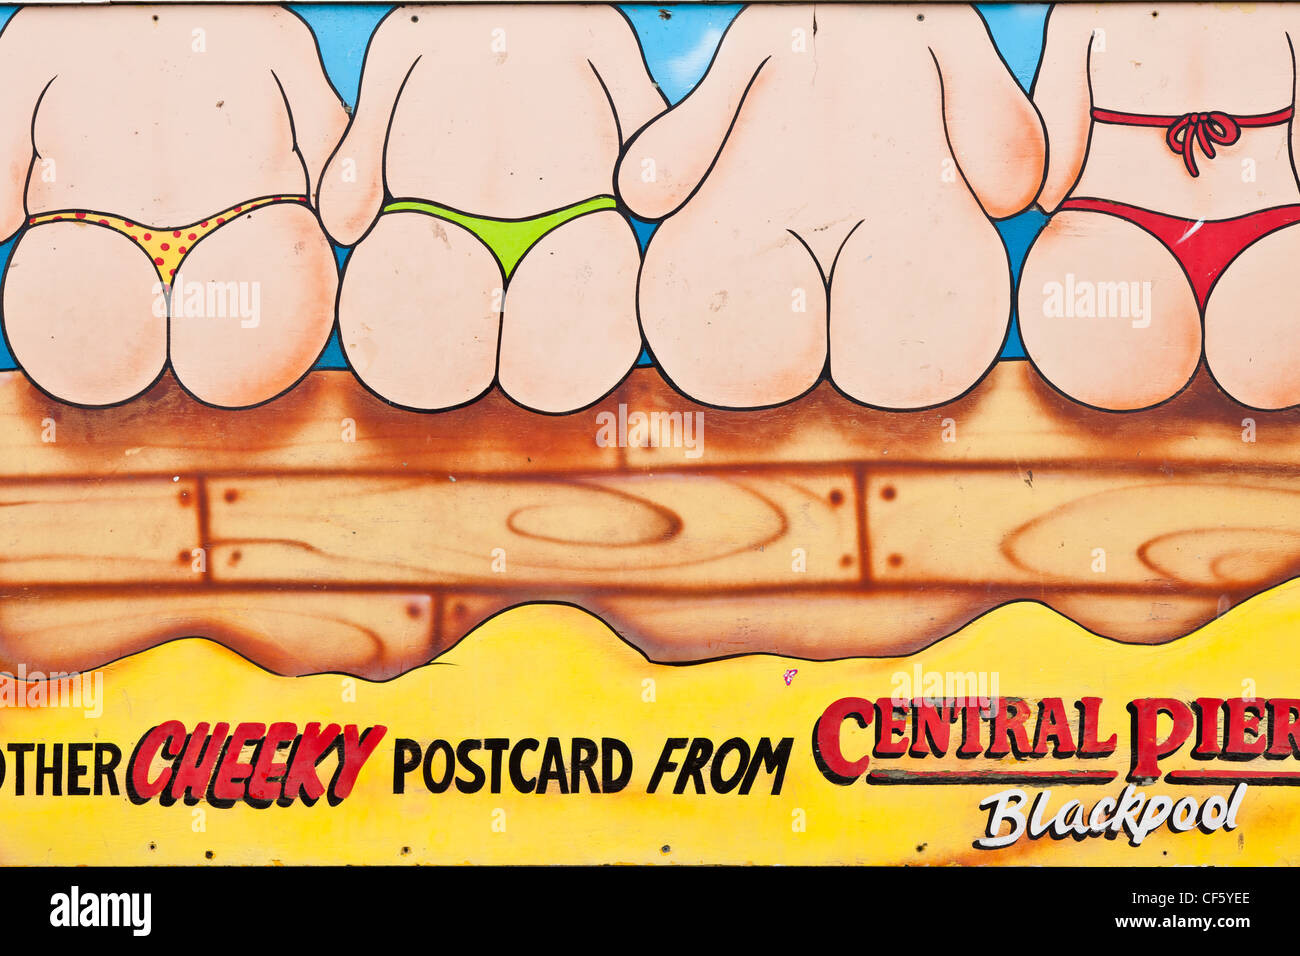 Blackpool Central Pier freche Postkarte Sign. Stockbild